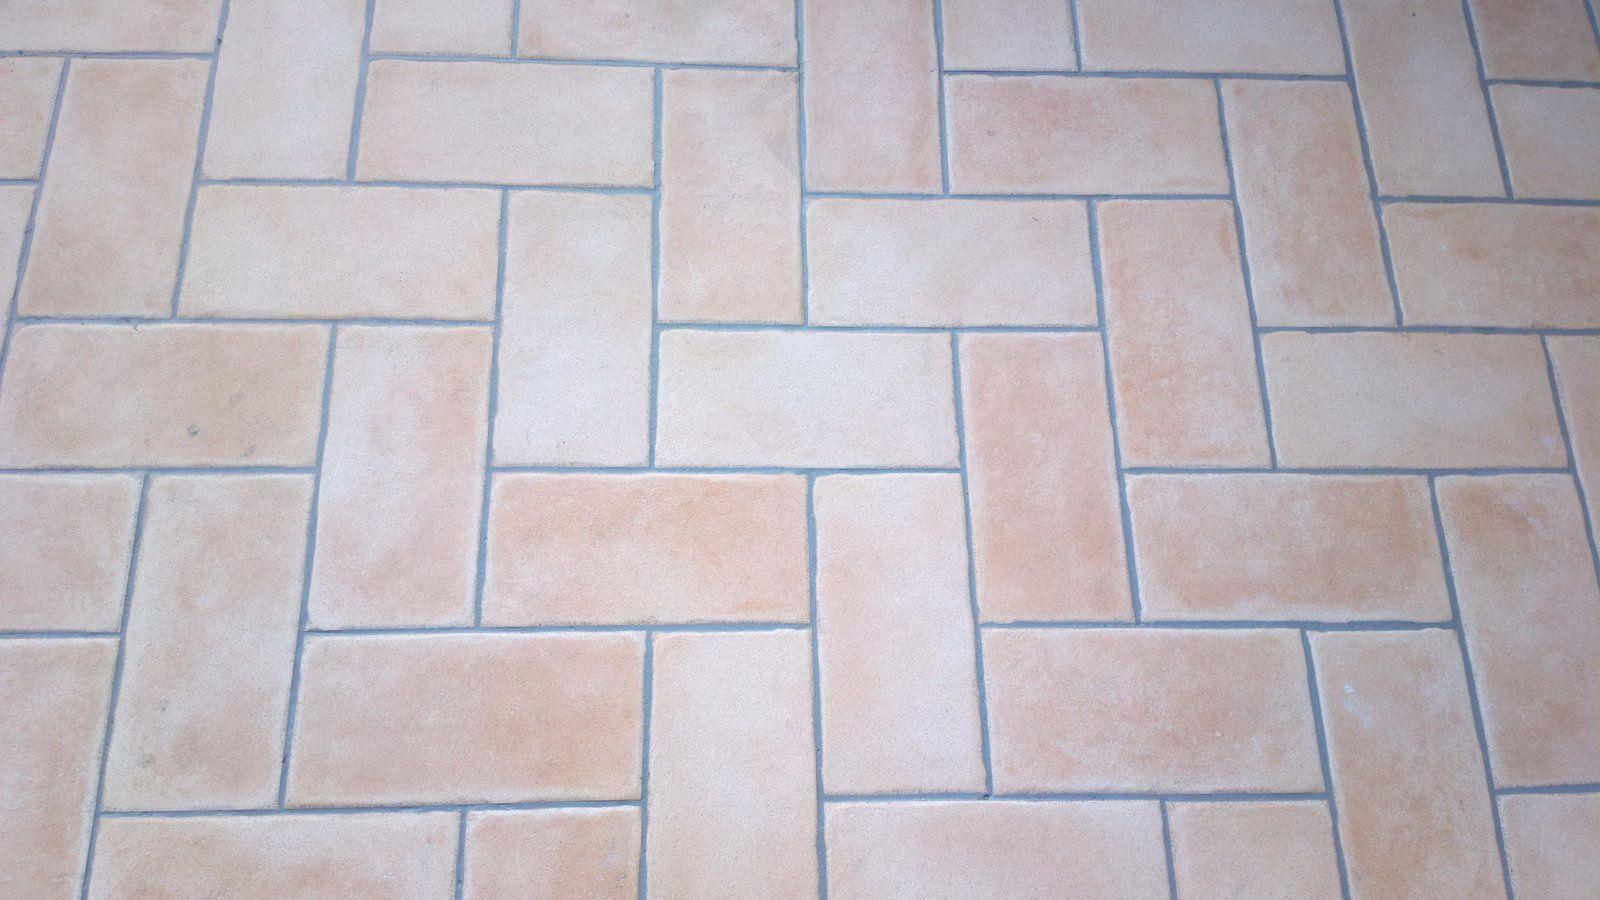 pavimenti esterni anti scivolo